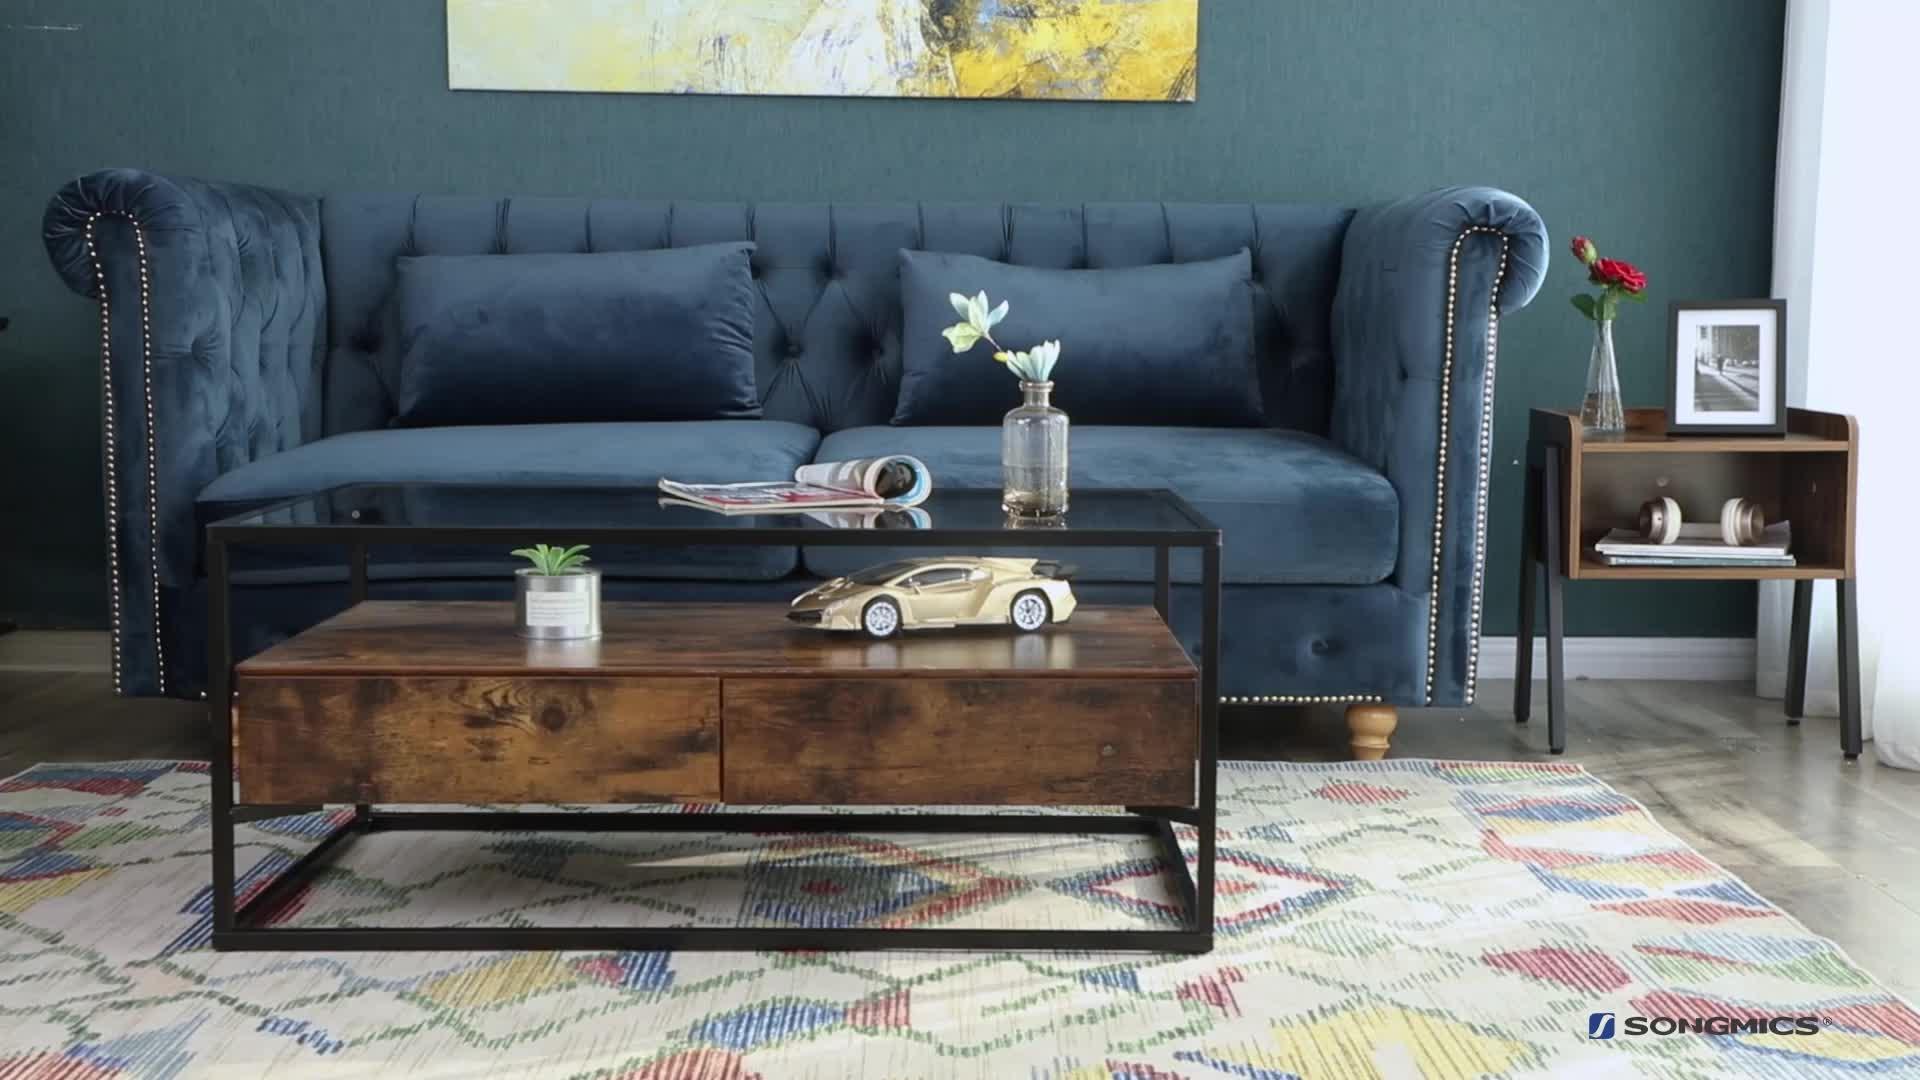 VASAGLE muebles de sala de madera industrial de metal Marco de hierro decoración centro de mesa de té de vidrio mesa de café con 2 cajones